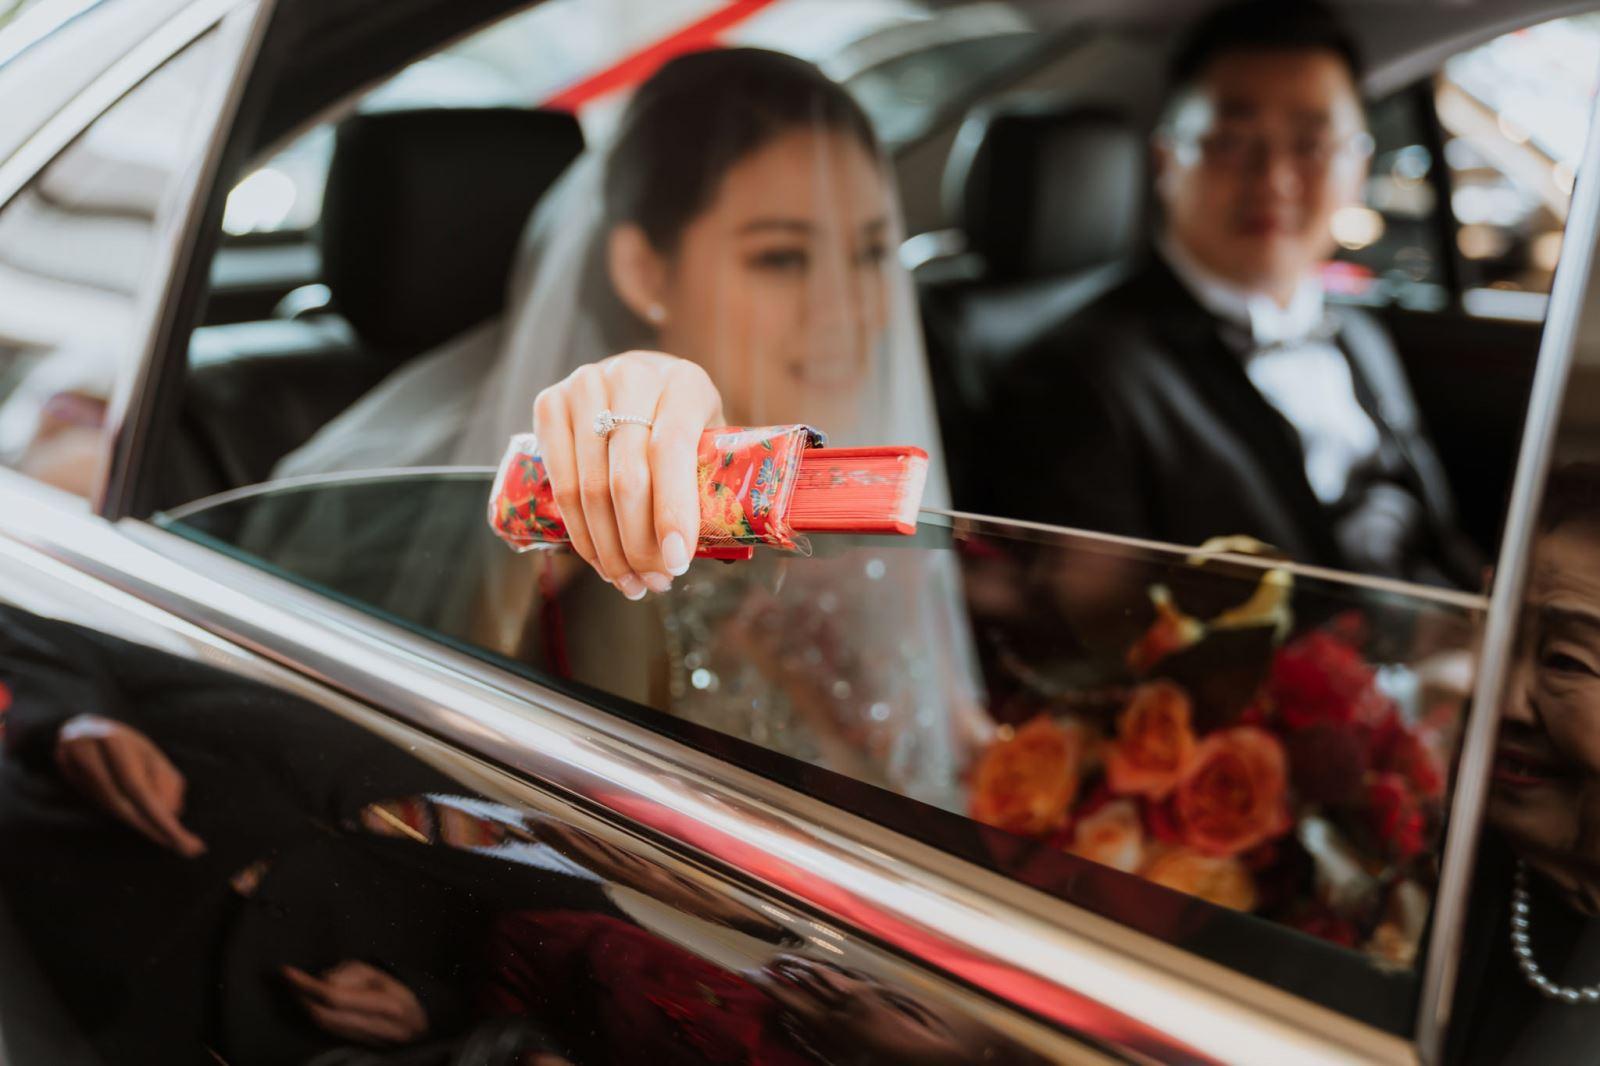 婚禮顧問為新娘準備扇子,新娘丟扇子,代表善良的緣分